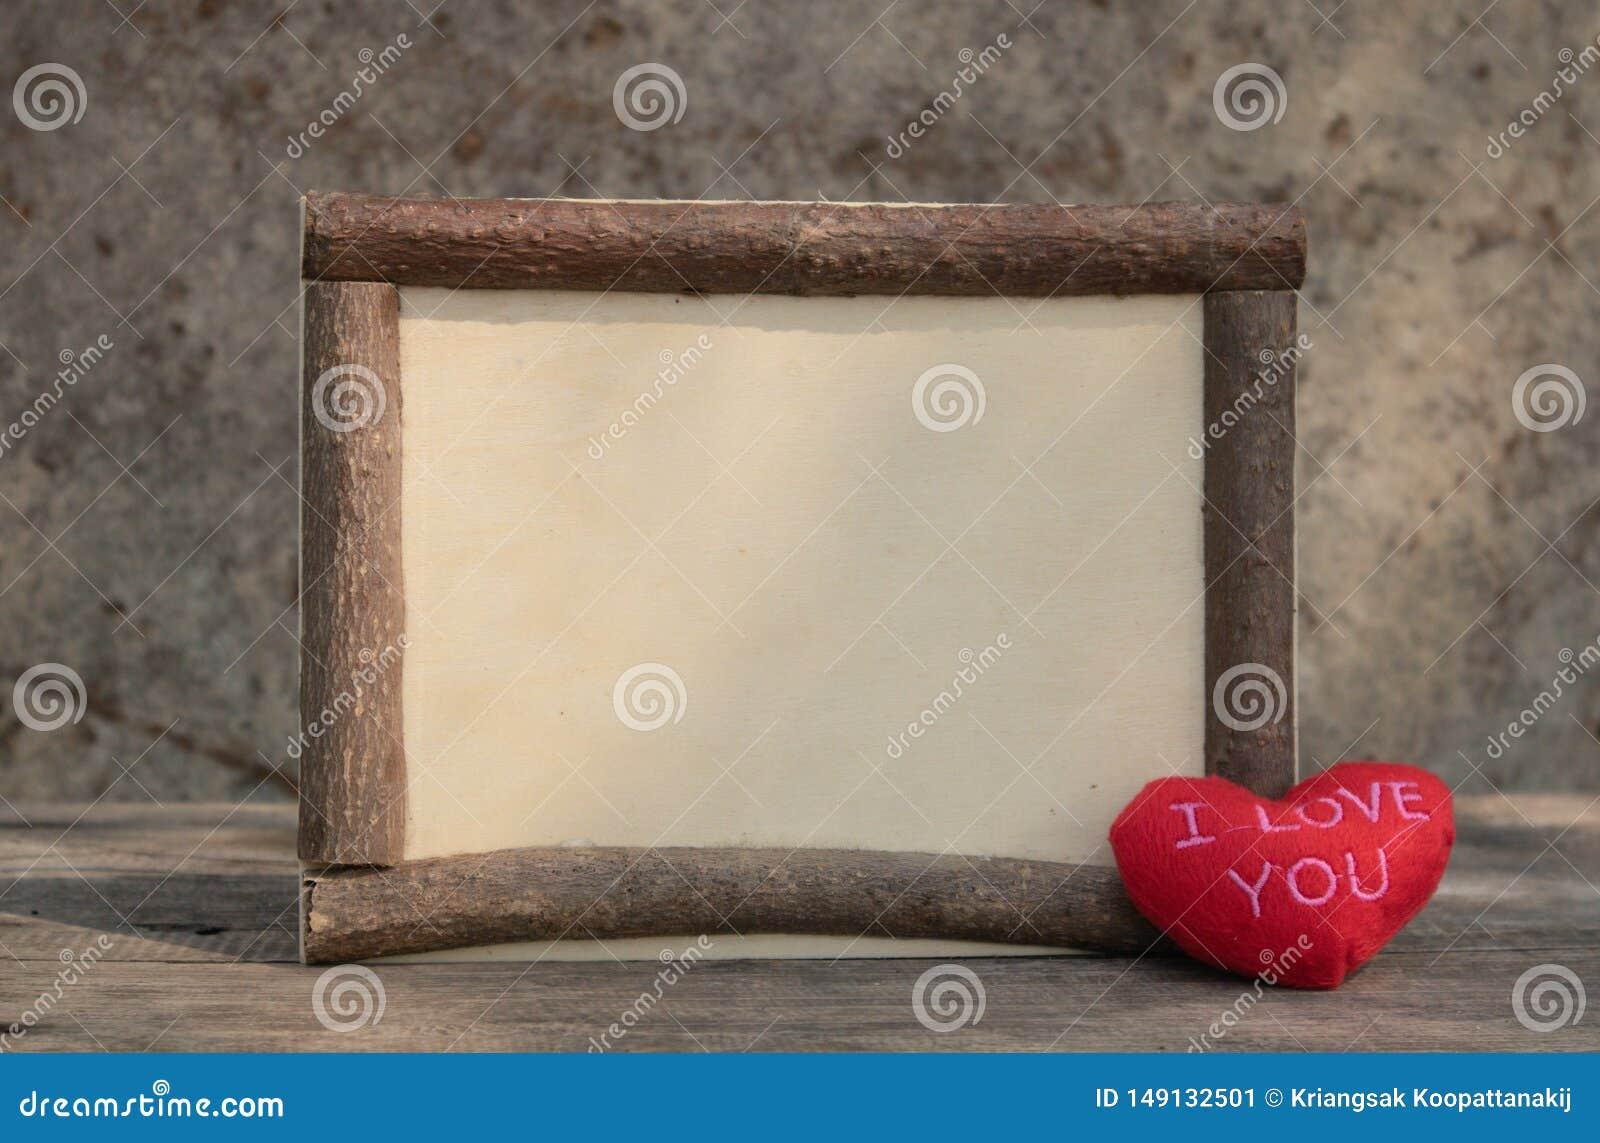 与红心的木制框架在木桌上